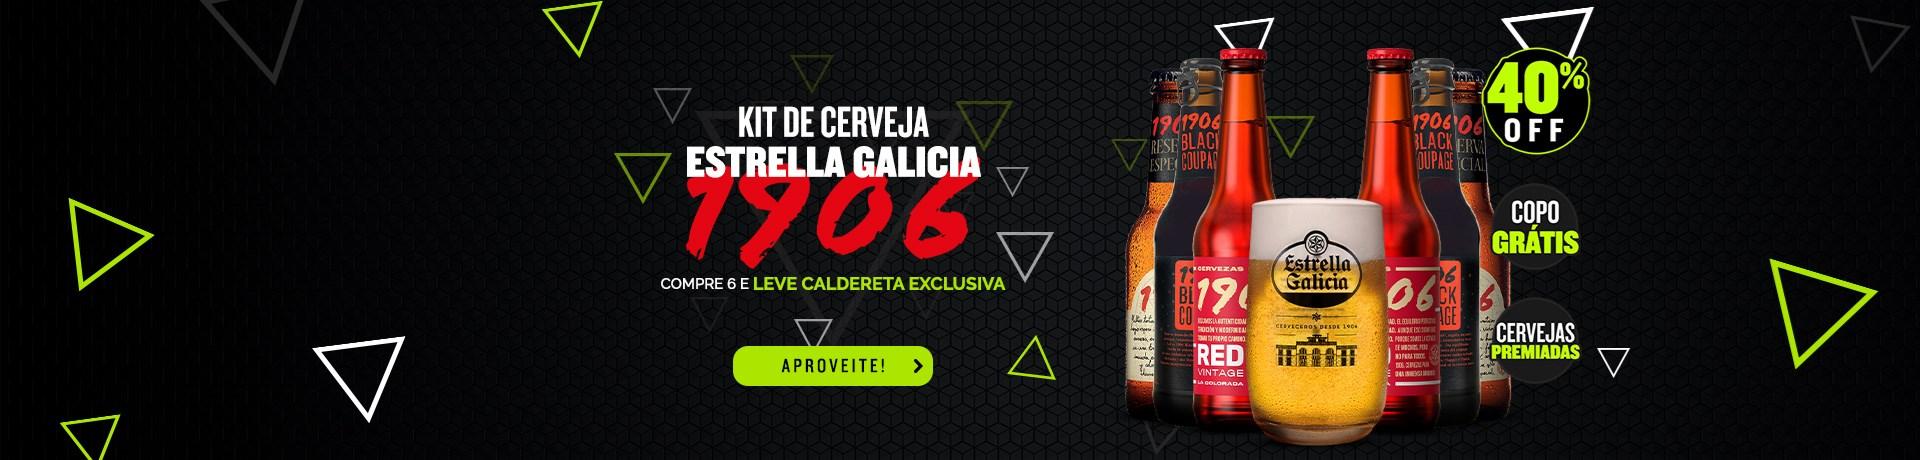 Black Friday 2020 - Oferta - Estrella Galicia - Desktop